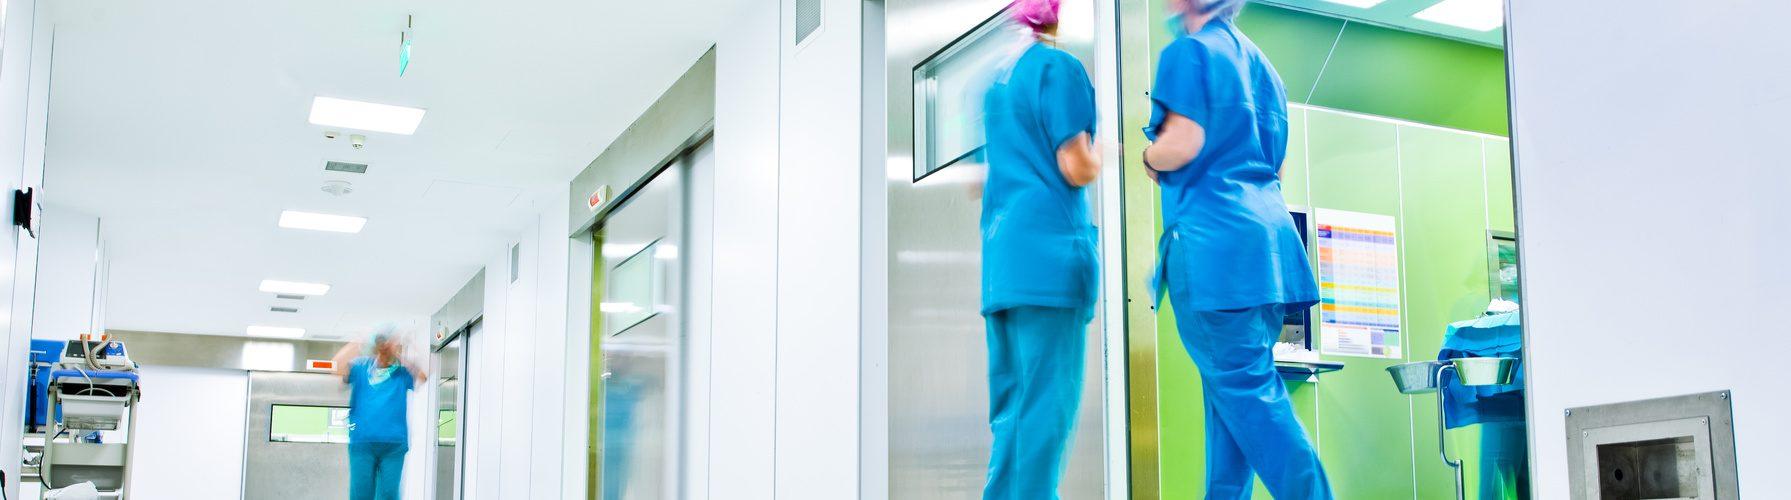 Responsabilità delle strutture sanitarie: urgenti le linee guida del Ministero